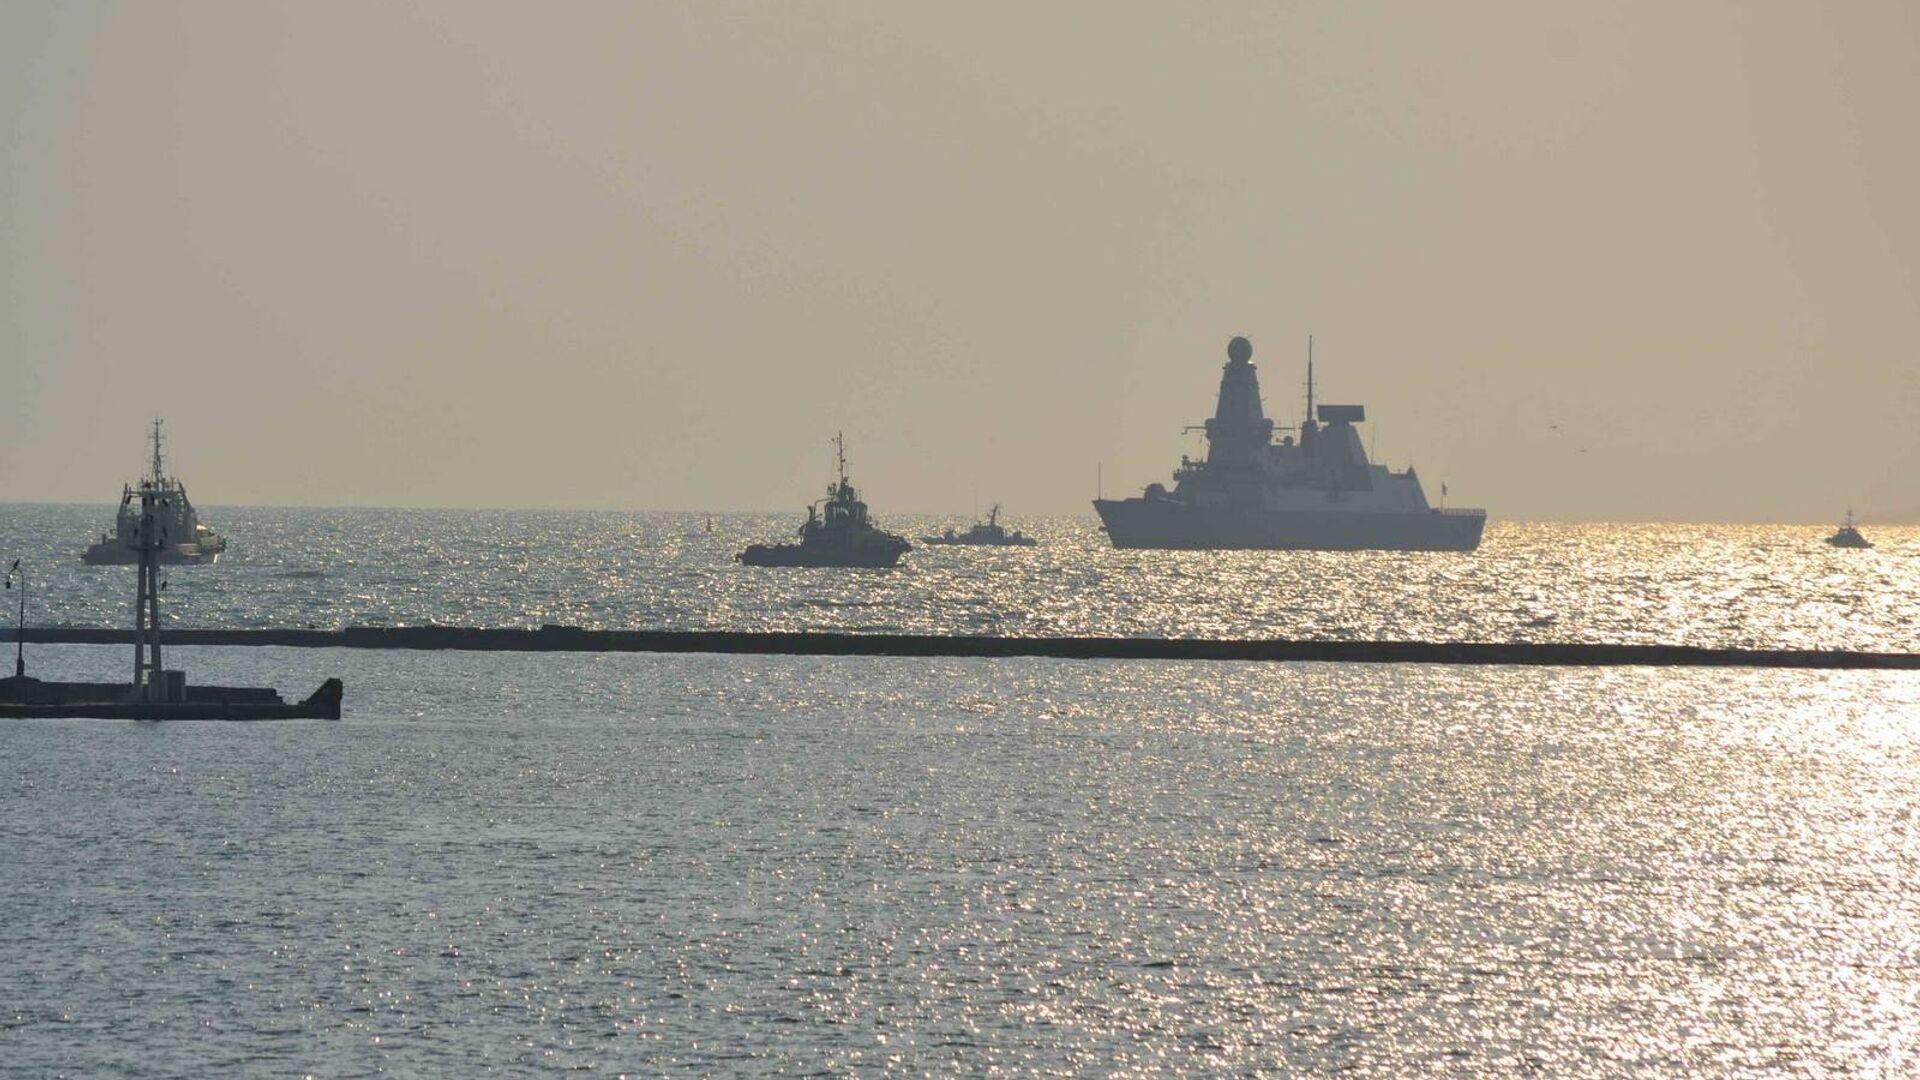 Эсминец Королевских ВМС Великобритании DUNCAN в порту Одессы. 24 июля 2017 - РИА Новости, 1920, 04.08.2021